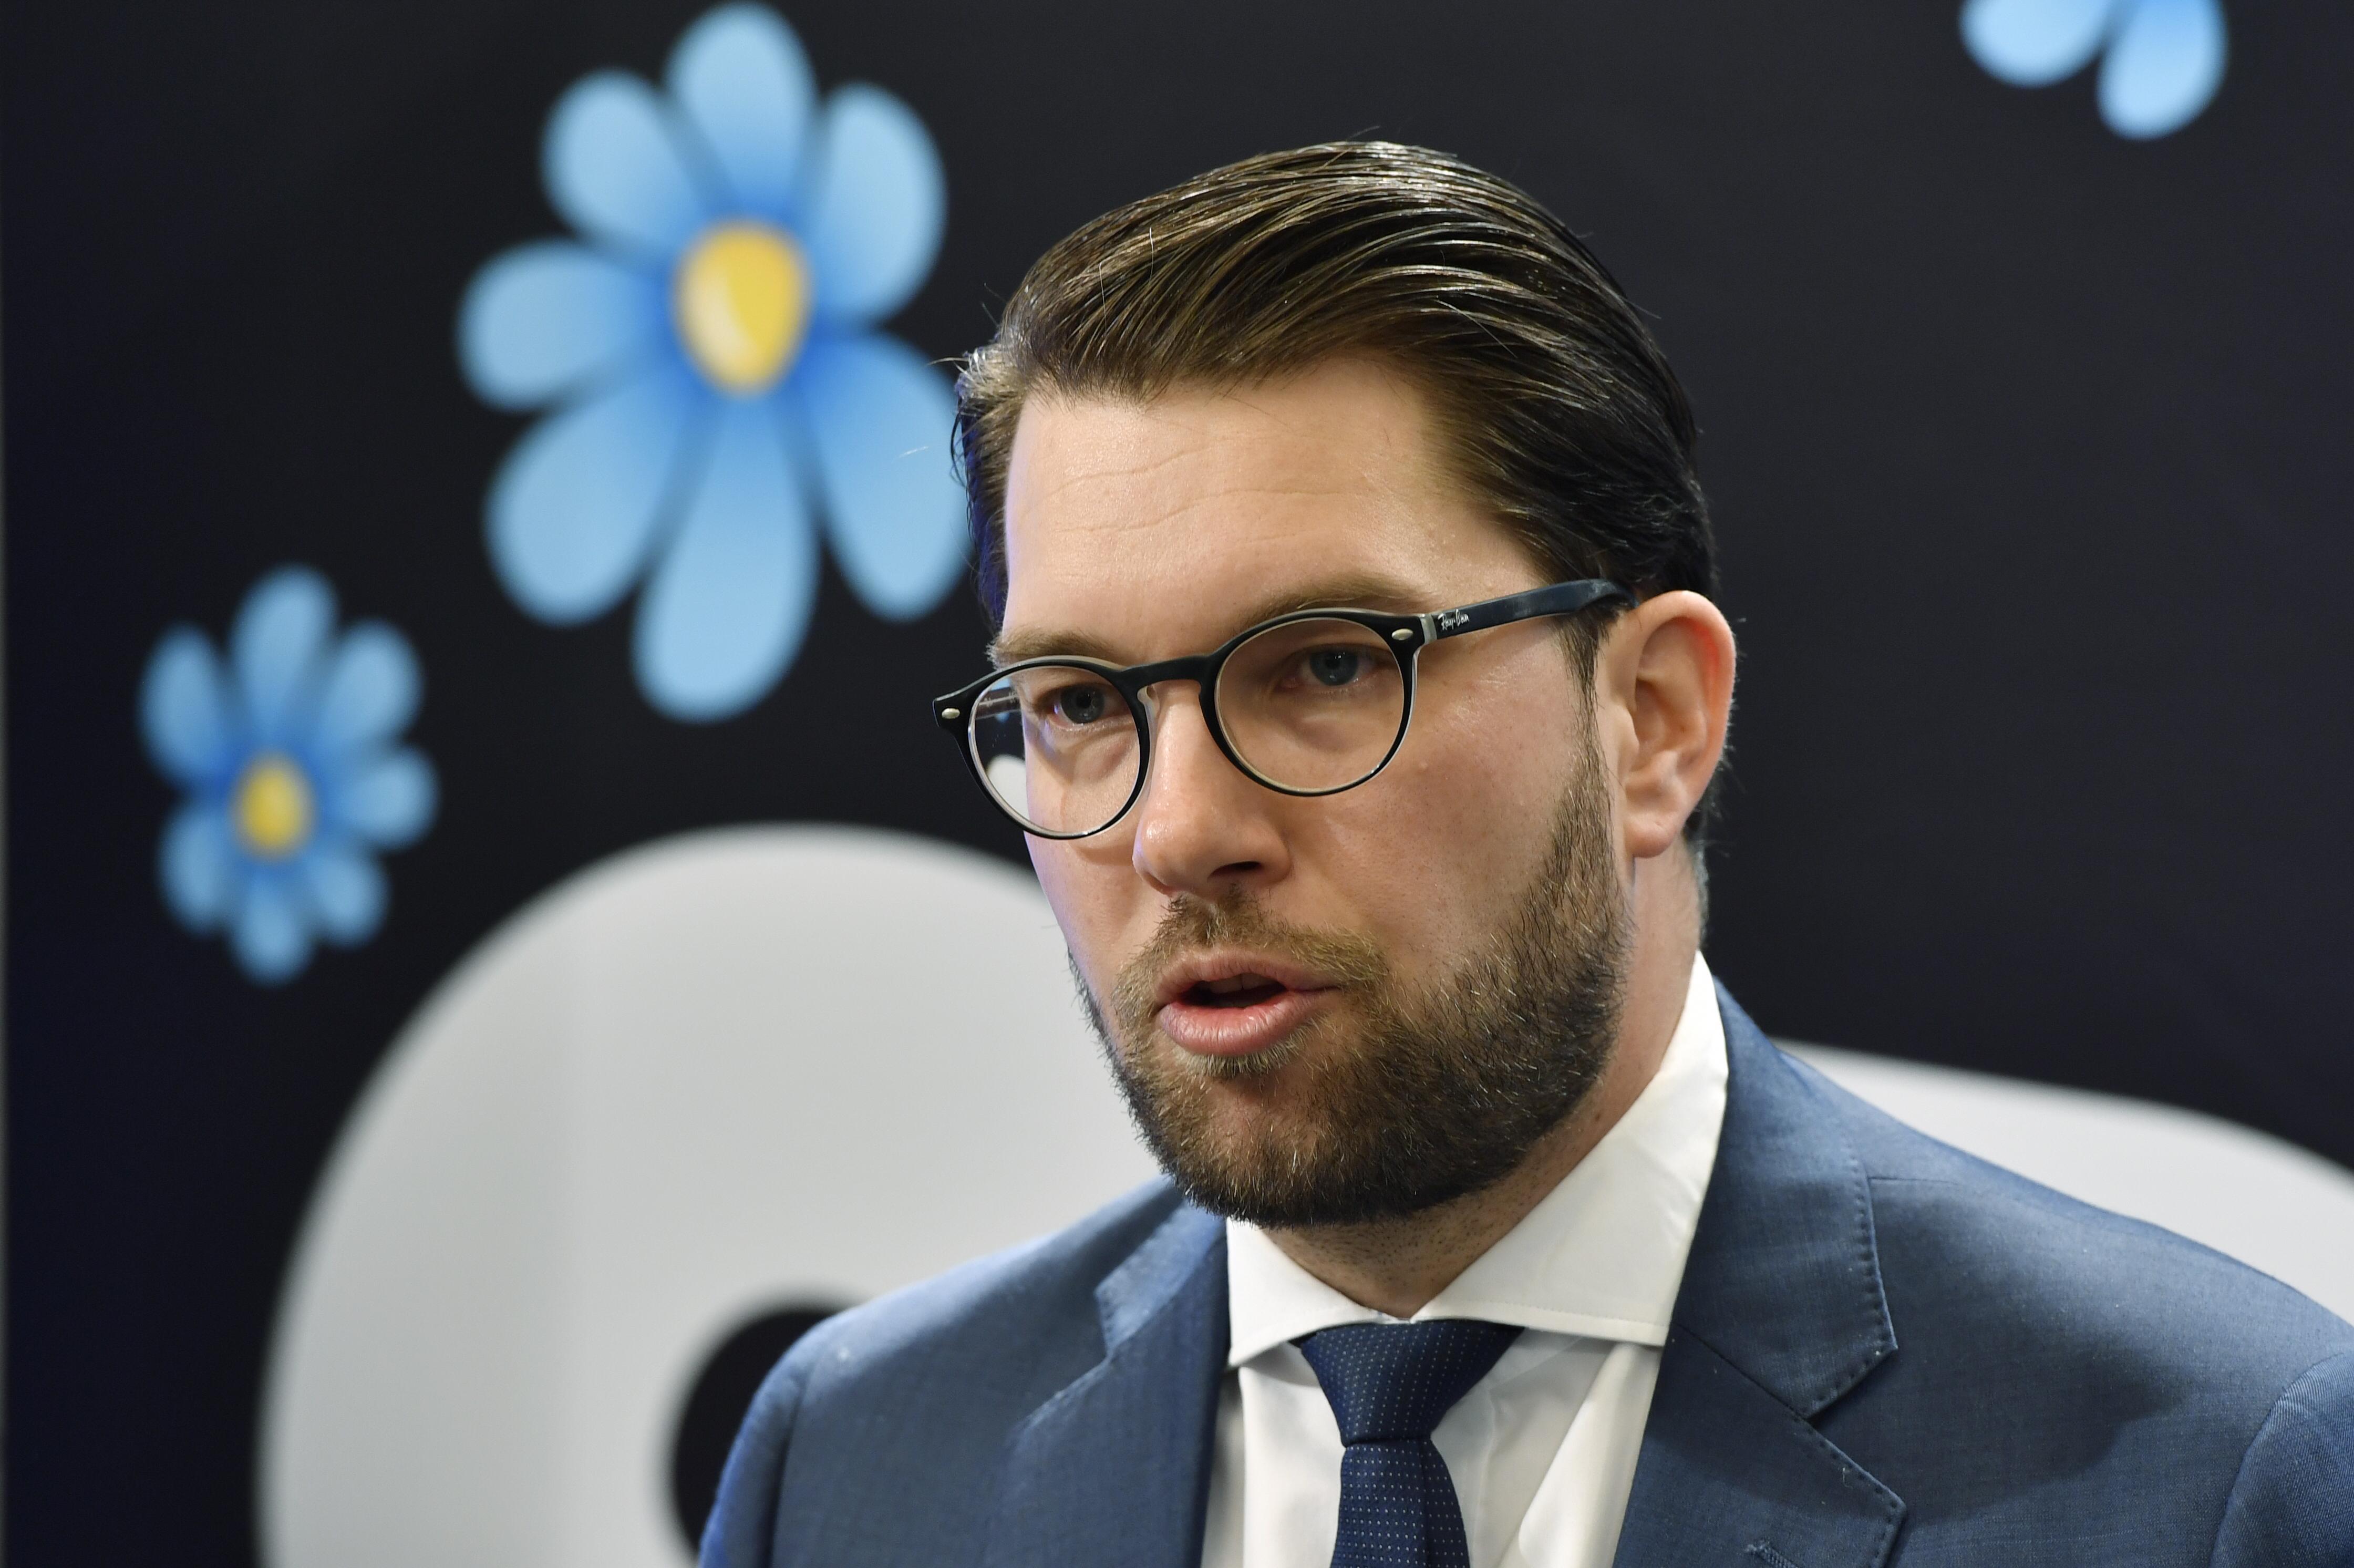 Sd vill att riksdagen raknar pa invandringen 3